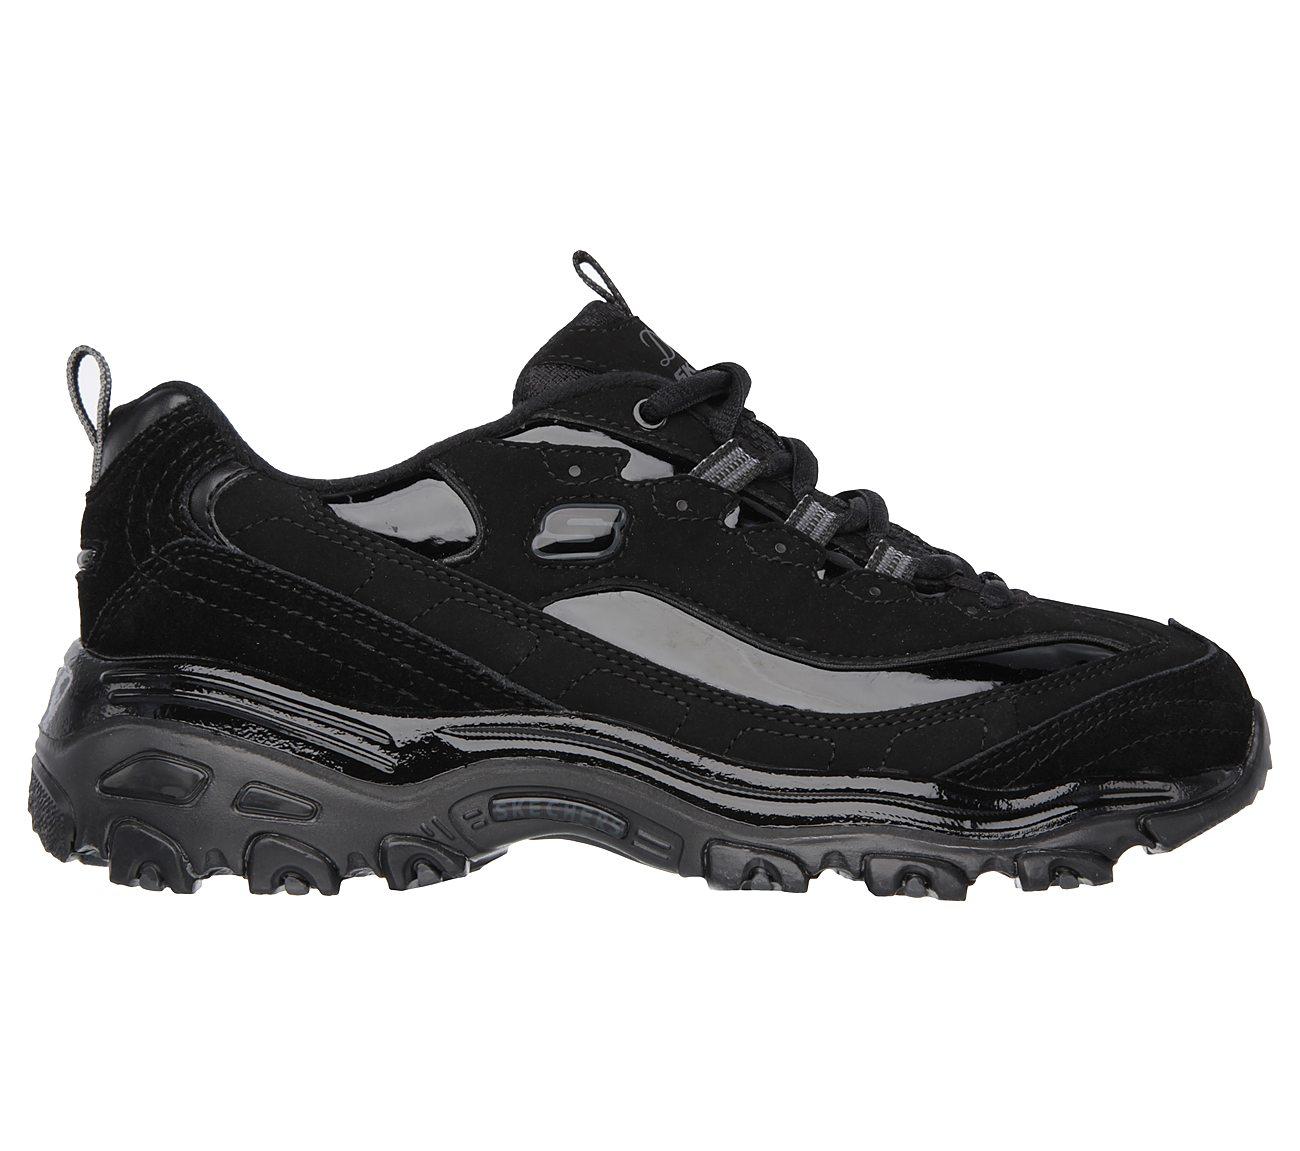 Womens Skechers D'Lites Athletic Sneakers Wide